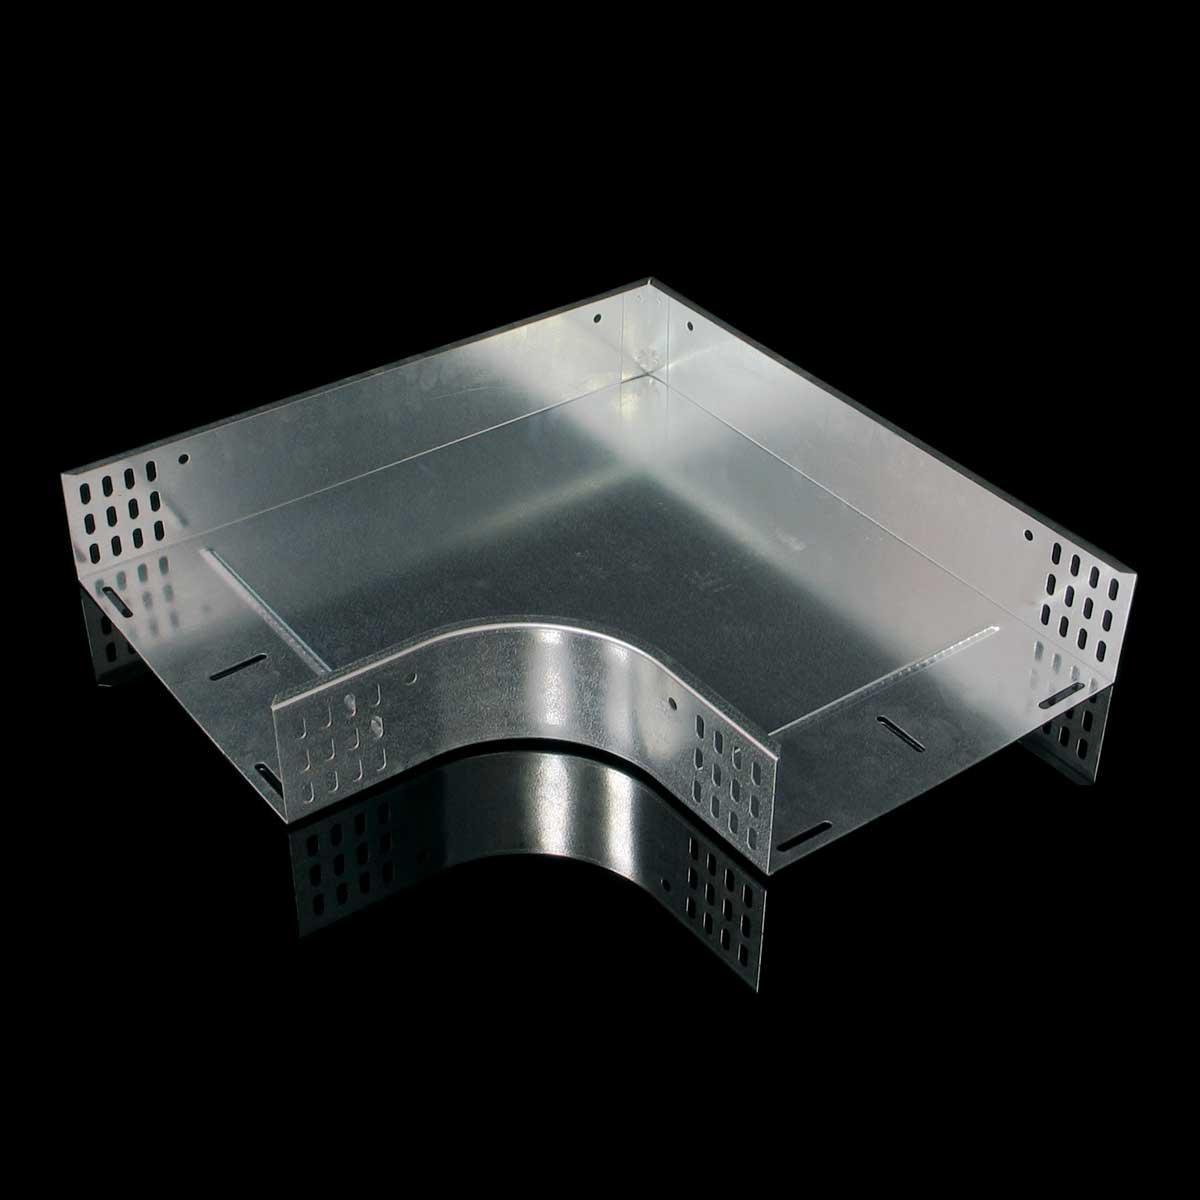 Поворот горизонтальний 90° для лотка JUPITER; розміри-85x150x350mm Товщ. метал-0,8 Вага-1,3кг/м